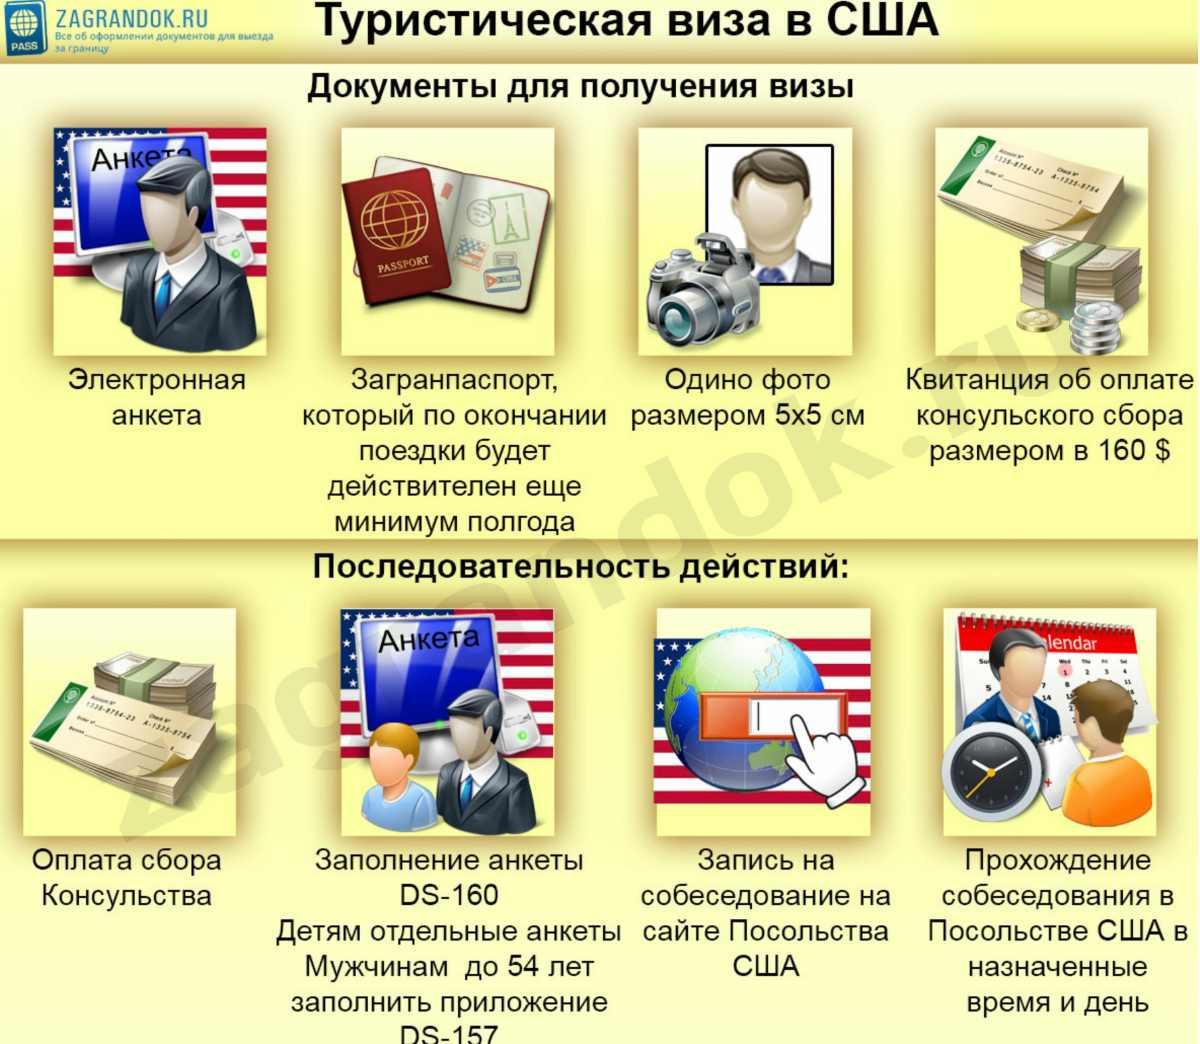 Туристическая визу в США